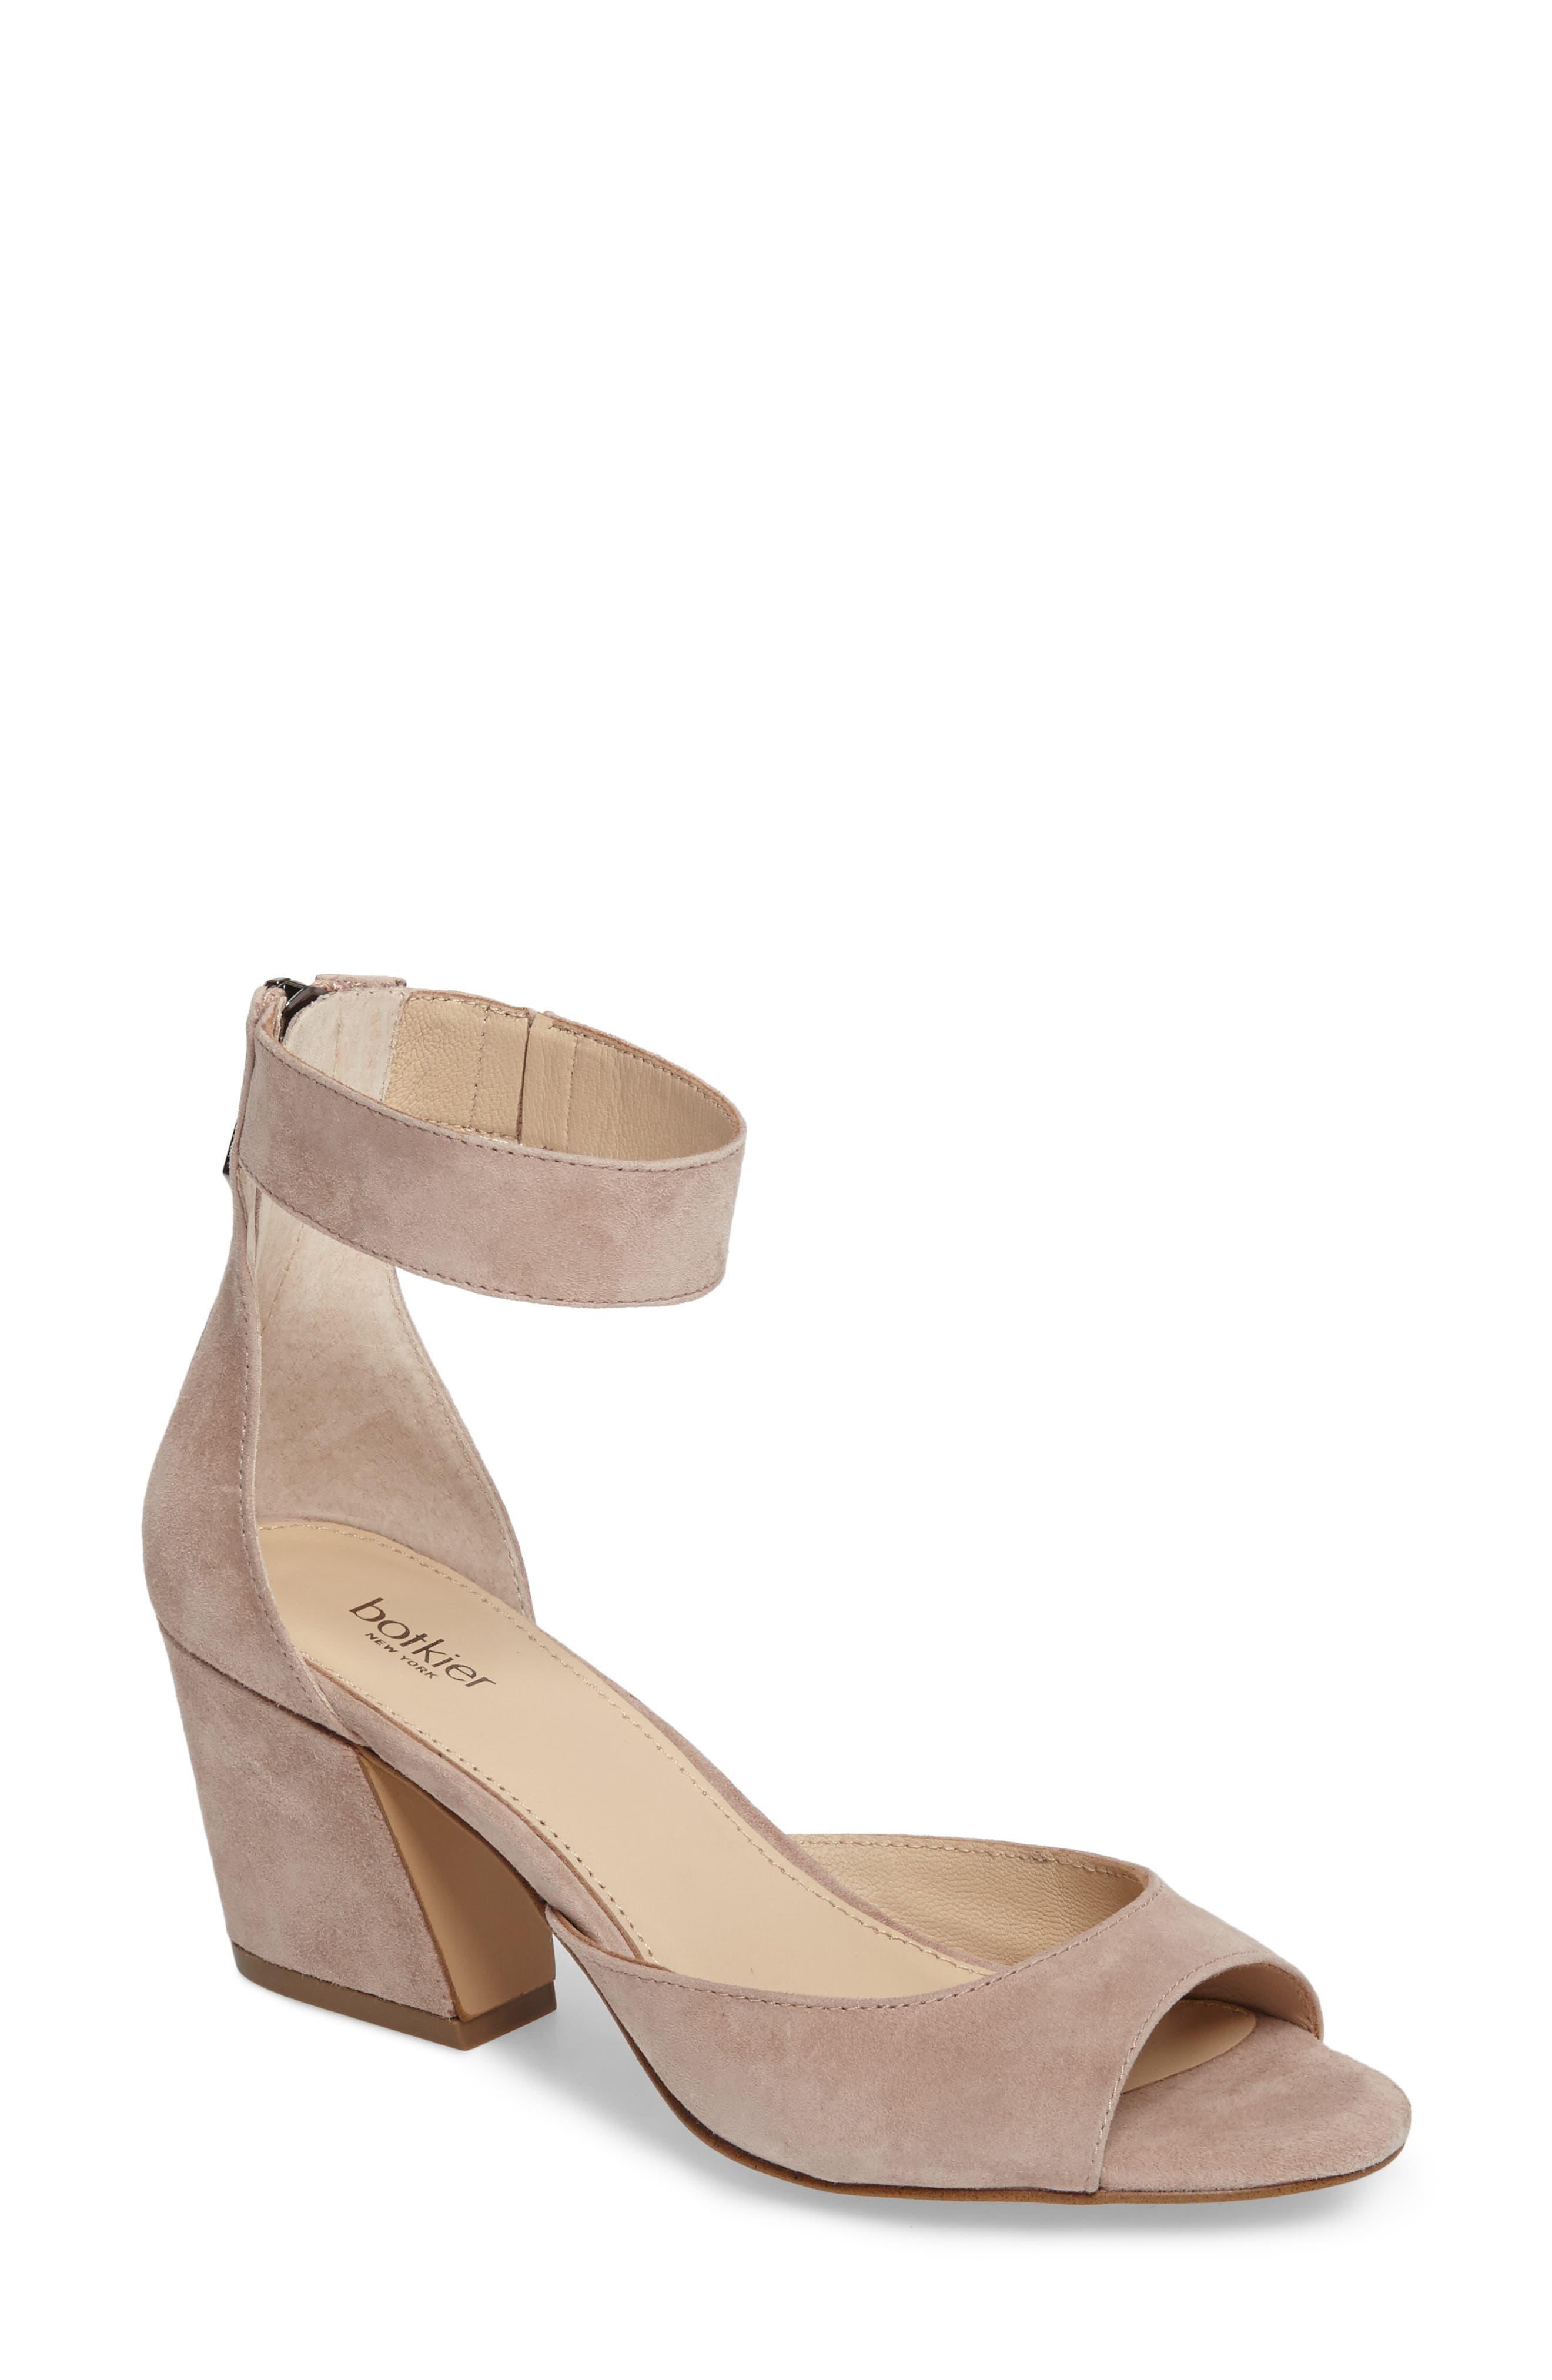 Alternate Image 1 Selected - Botkier Pilar Ankle Strap Sandal (Women)